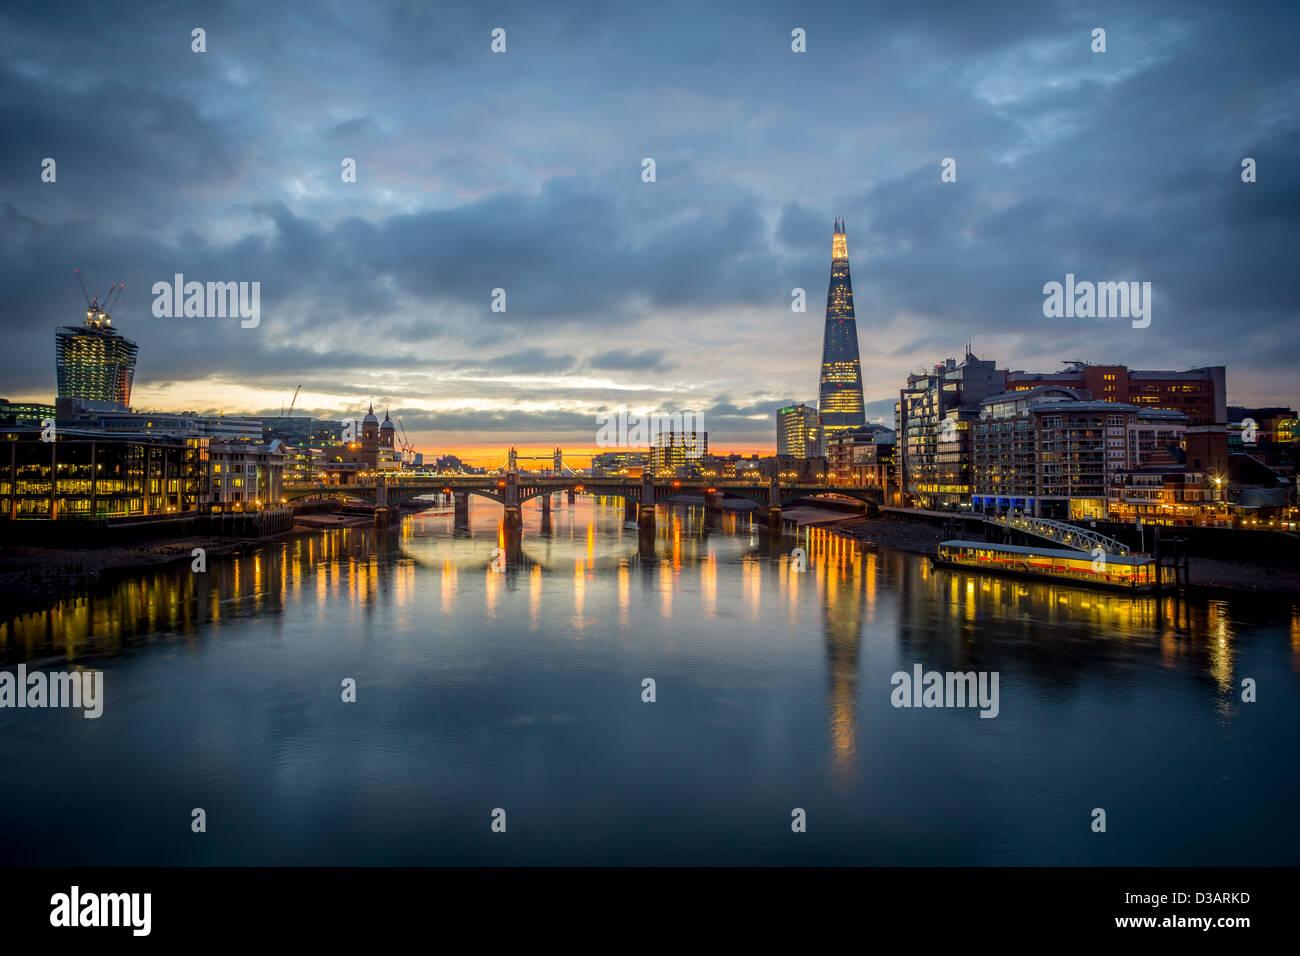 La ciudad de Londres al amanecer Imagen De Stock